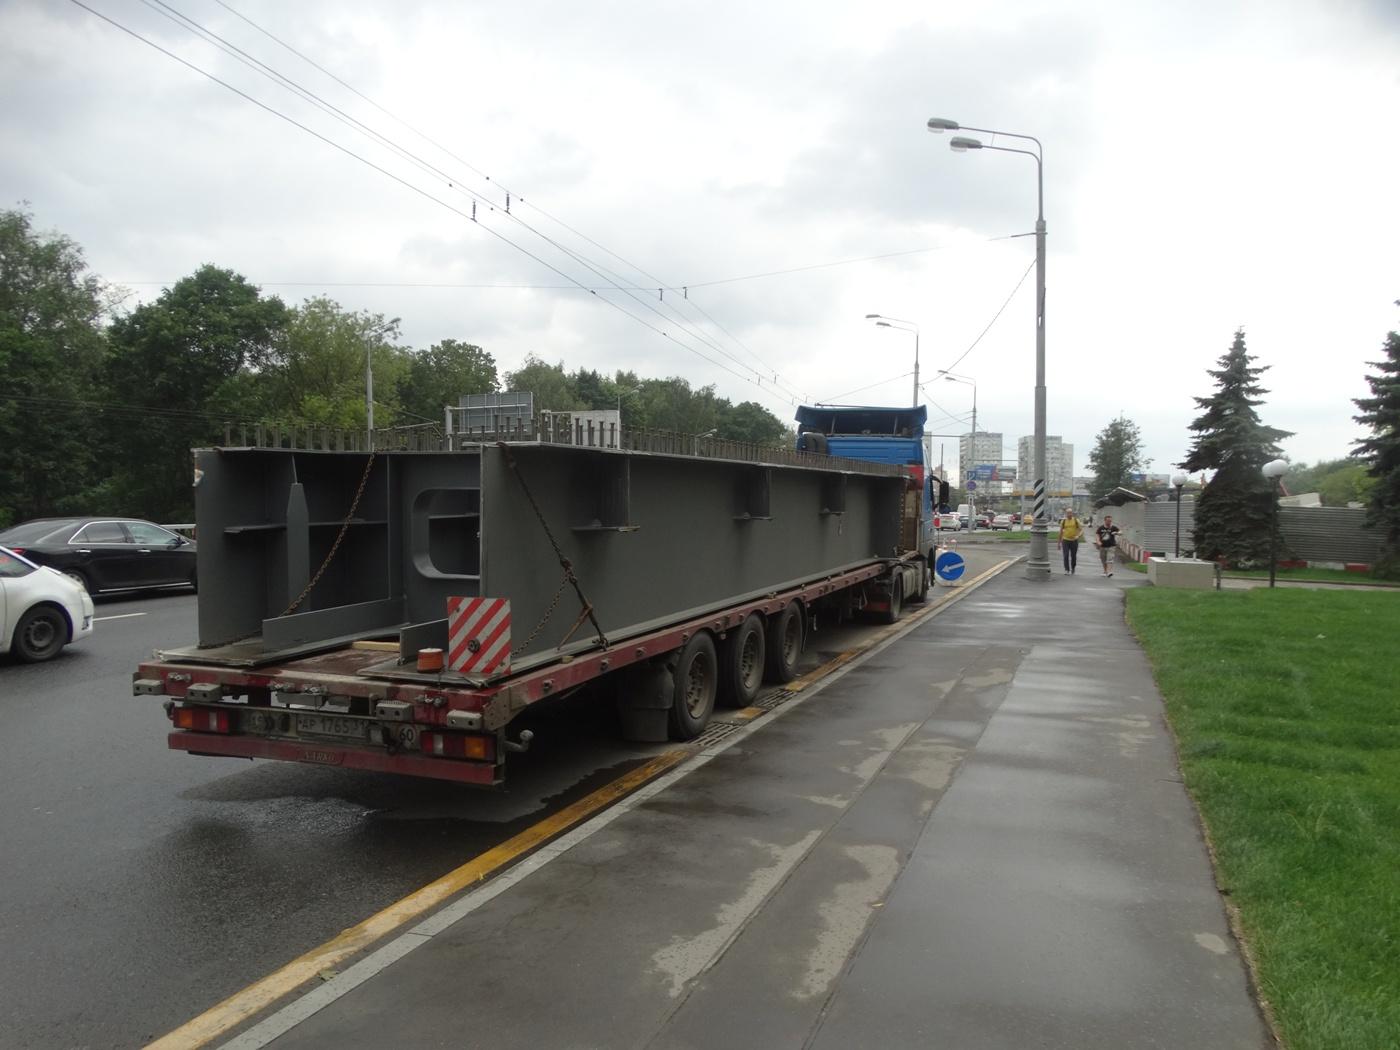 фото после реконструкции рижского шоссе вариантов